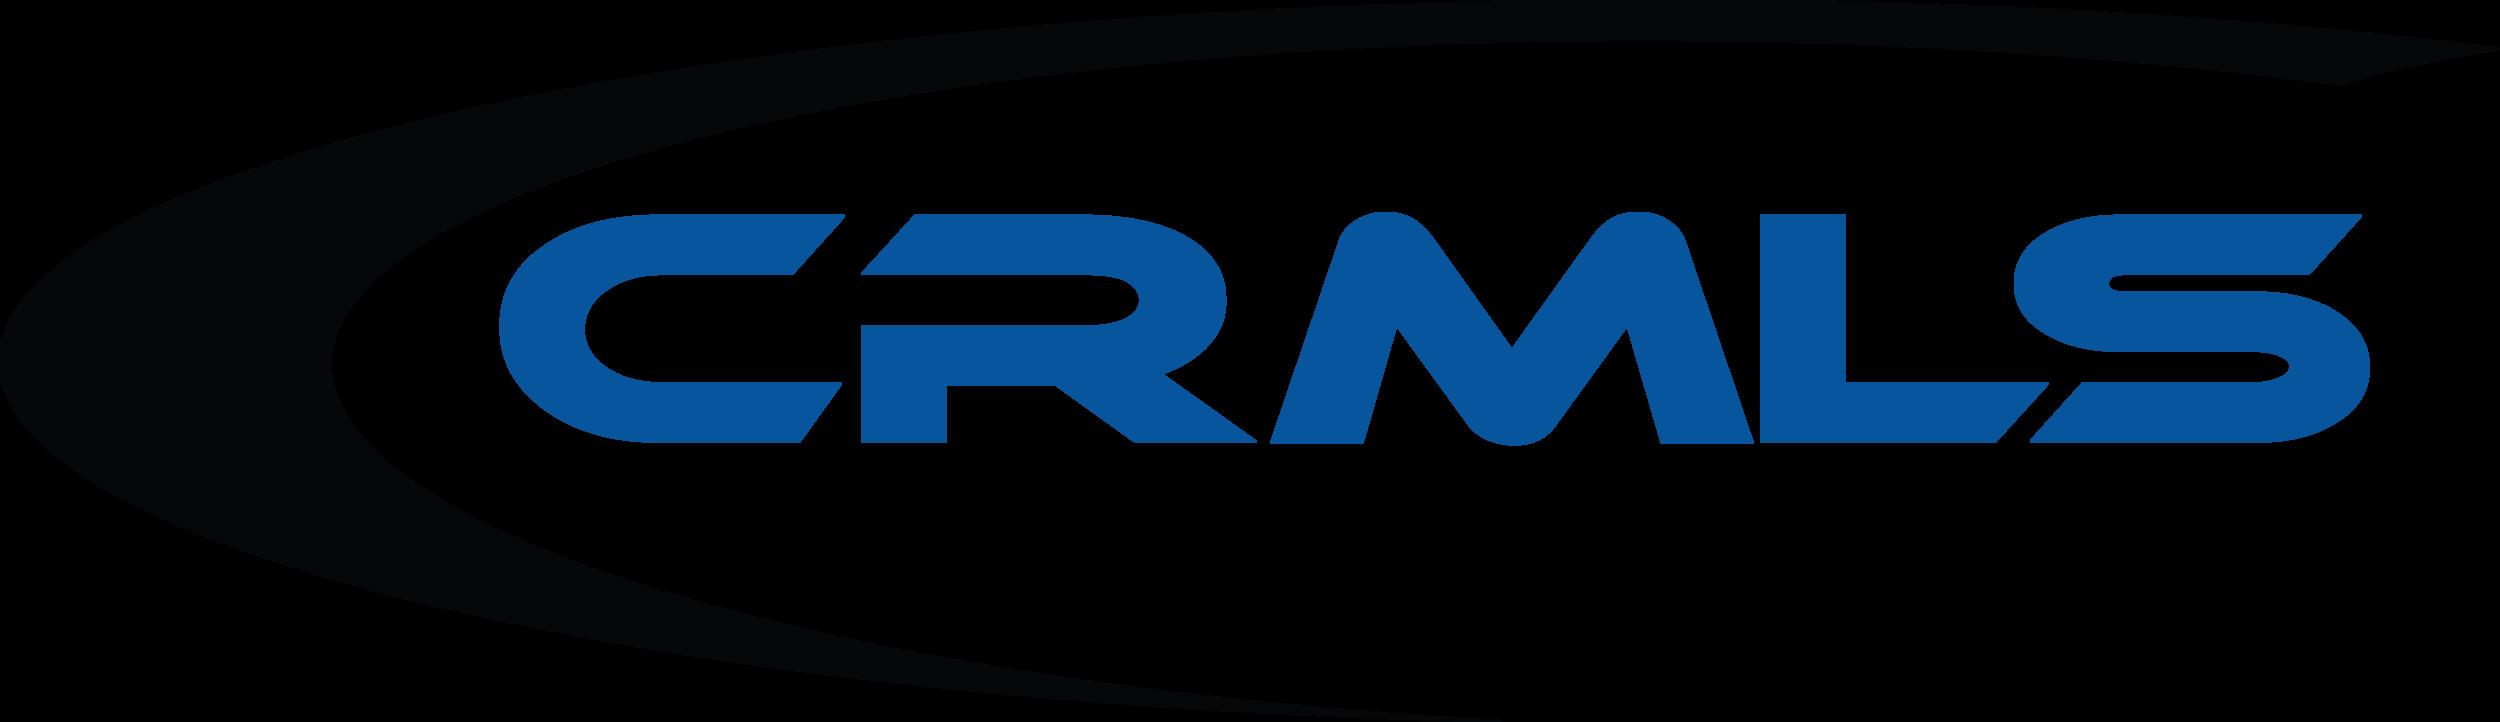 CRMLS-Logo-Simplified-600x600.png